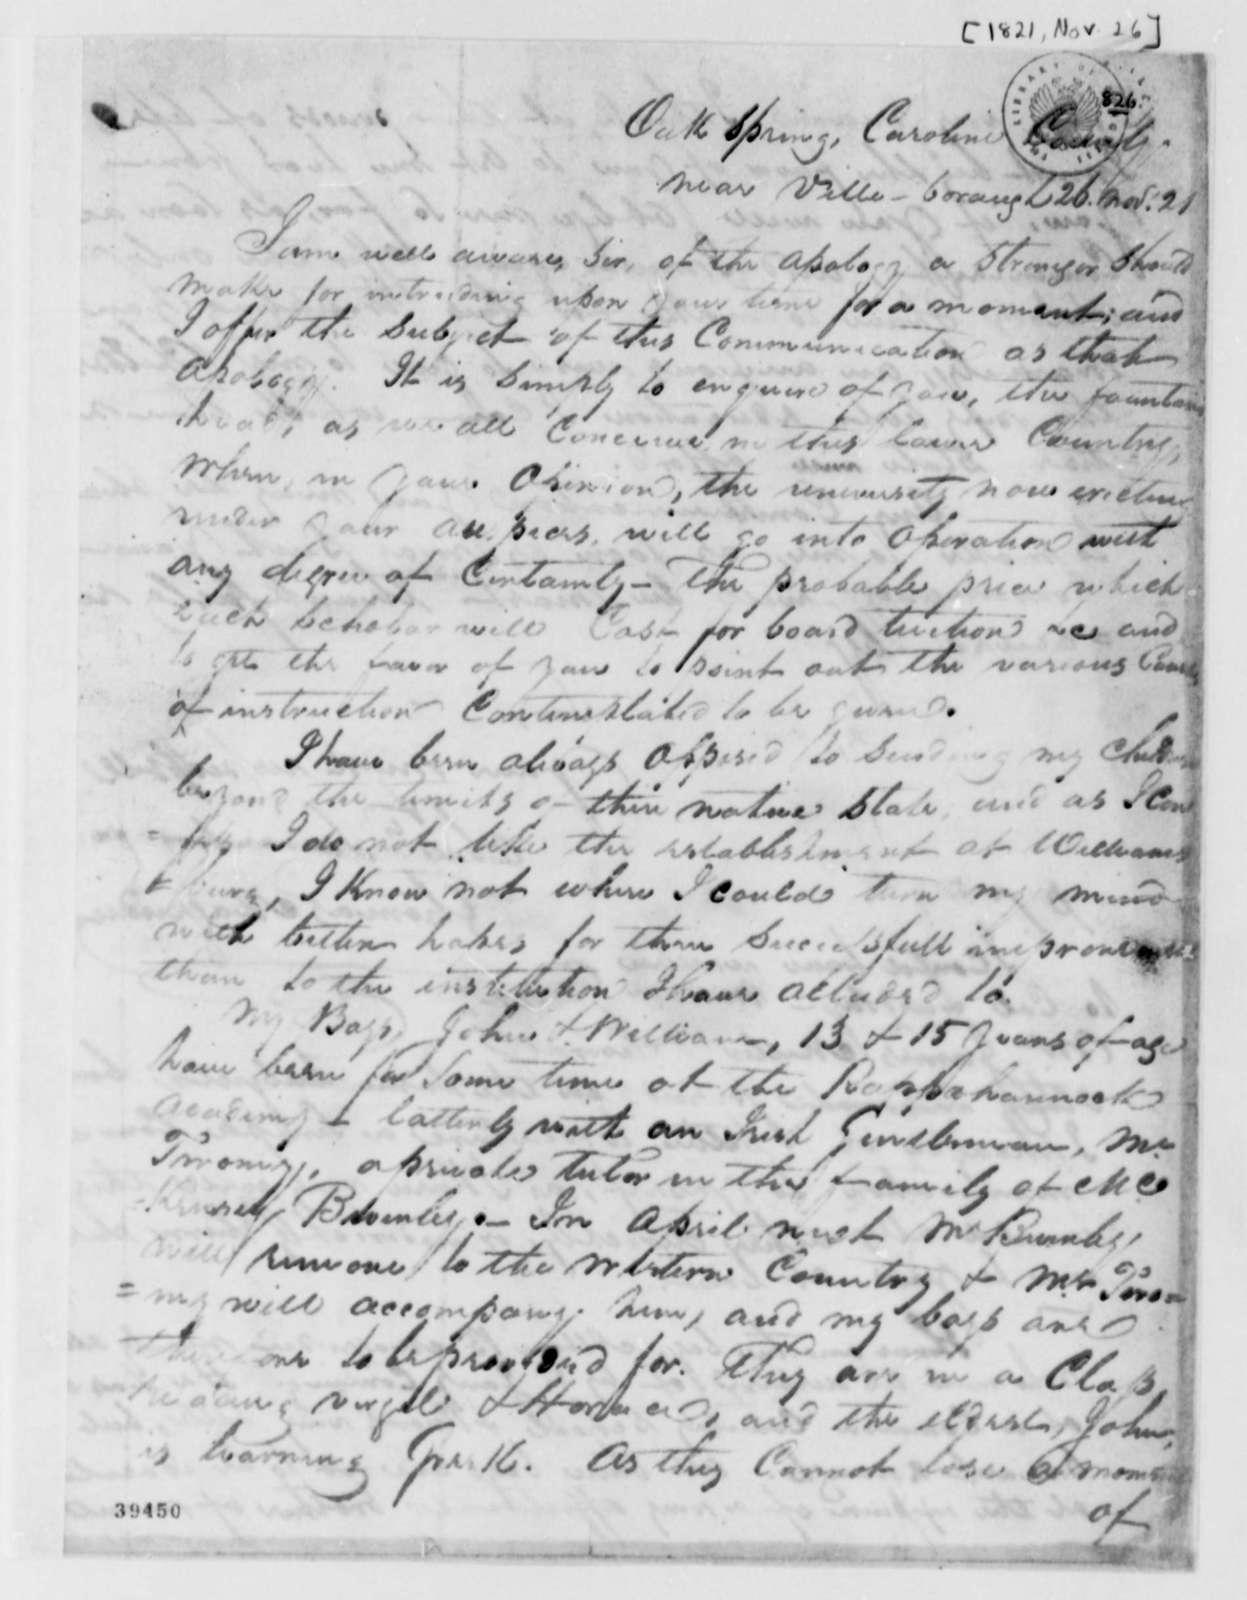 Thomas Magruder to Thomas Jefferson, November 26, 1821